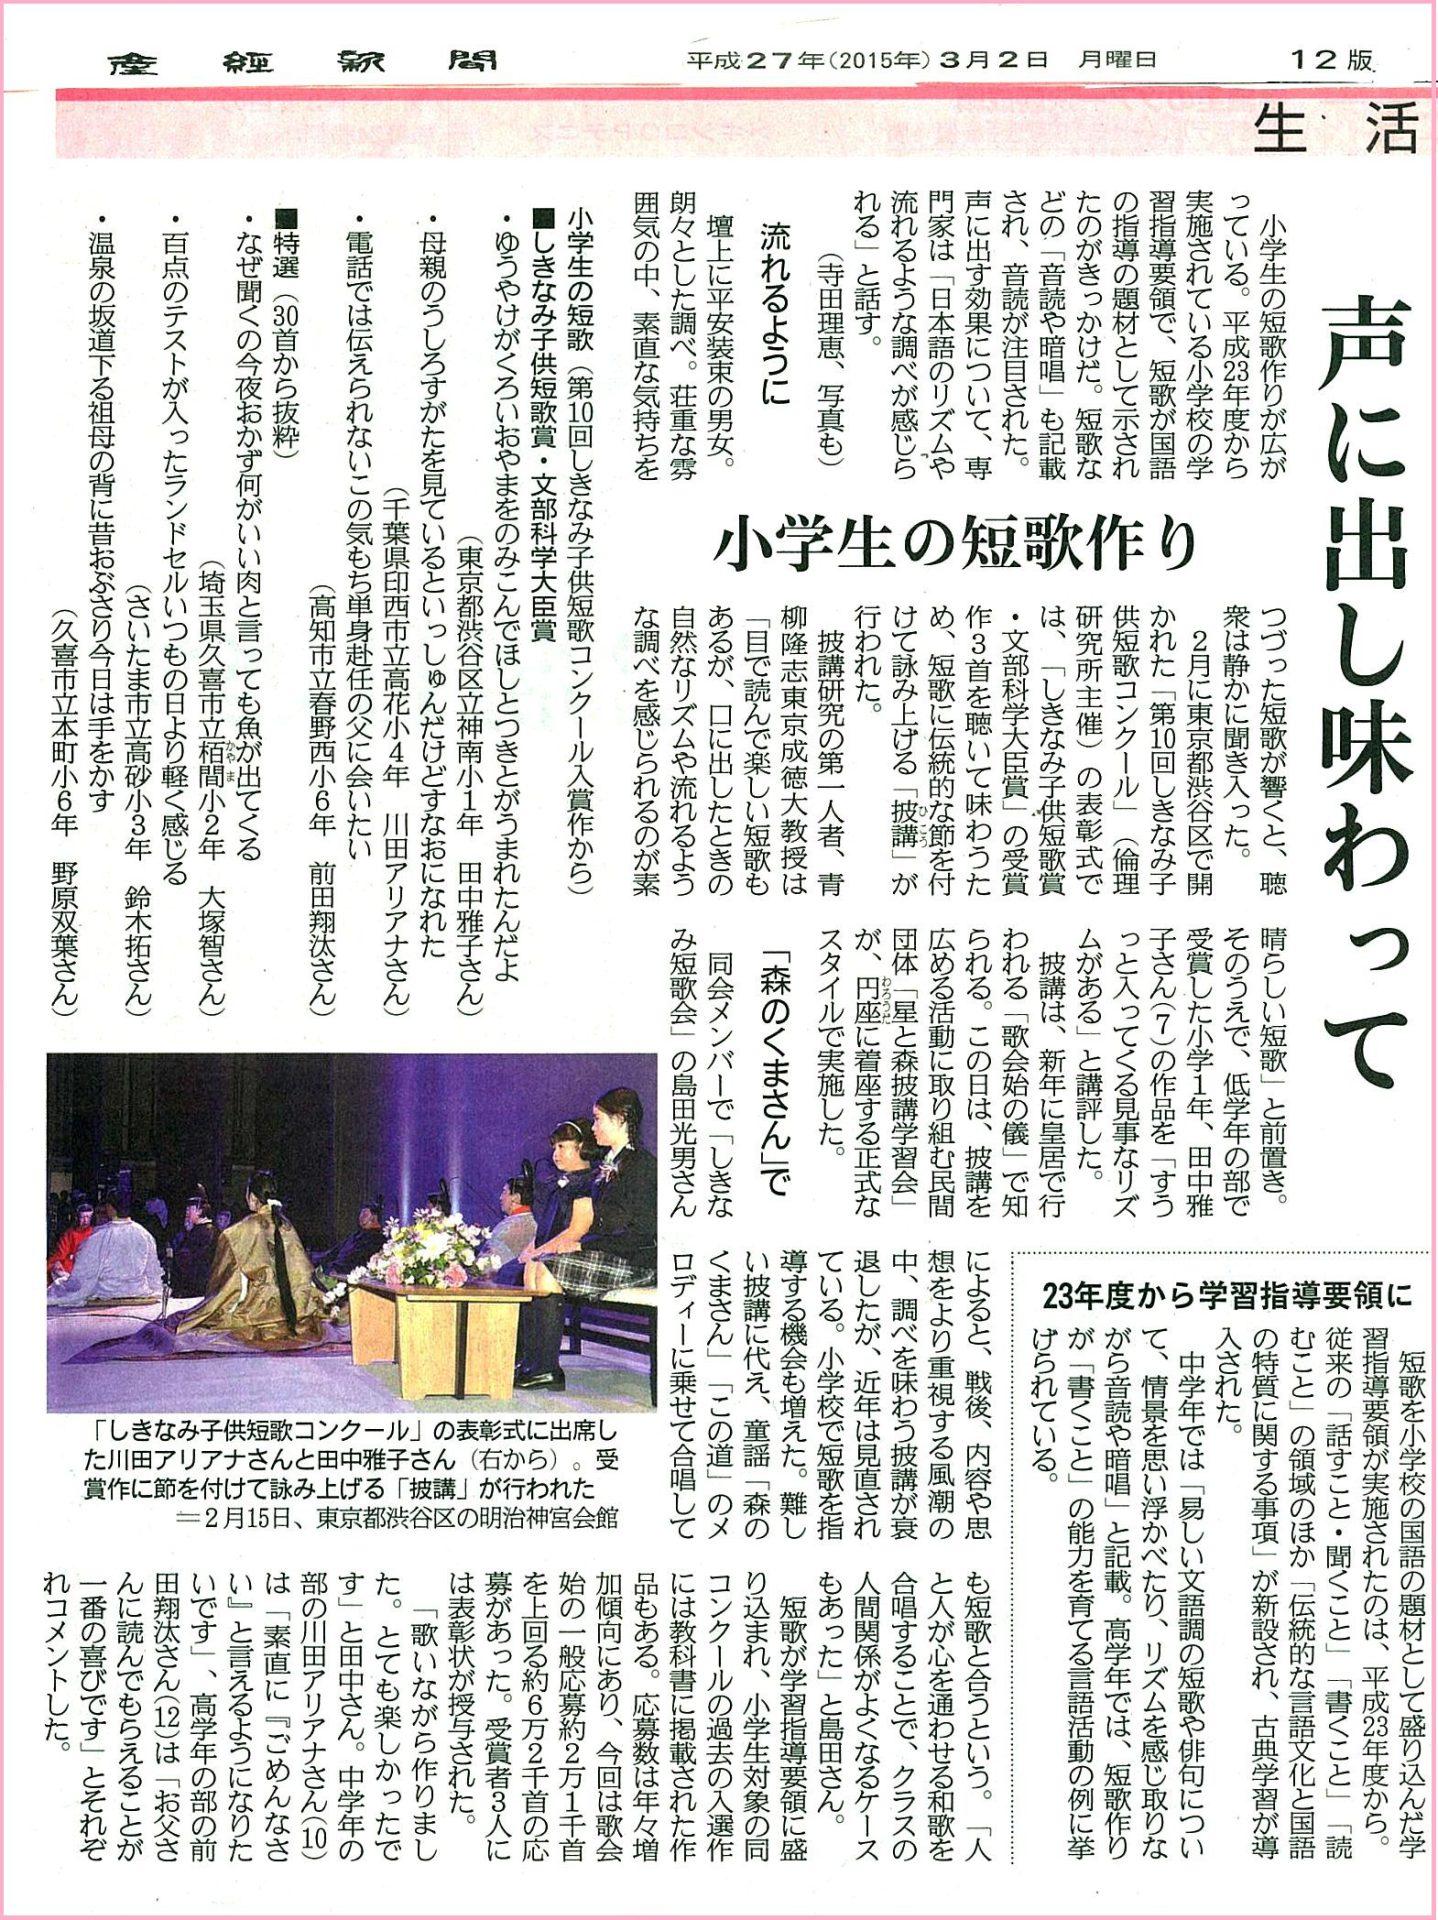 産経新聞記事スキャンデータ